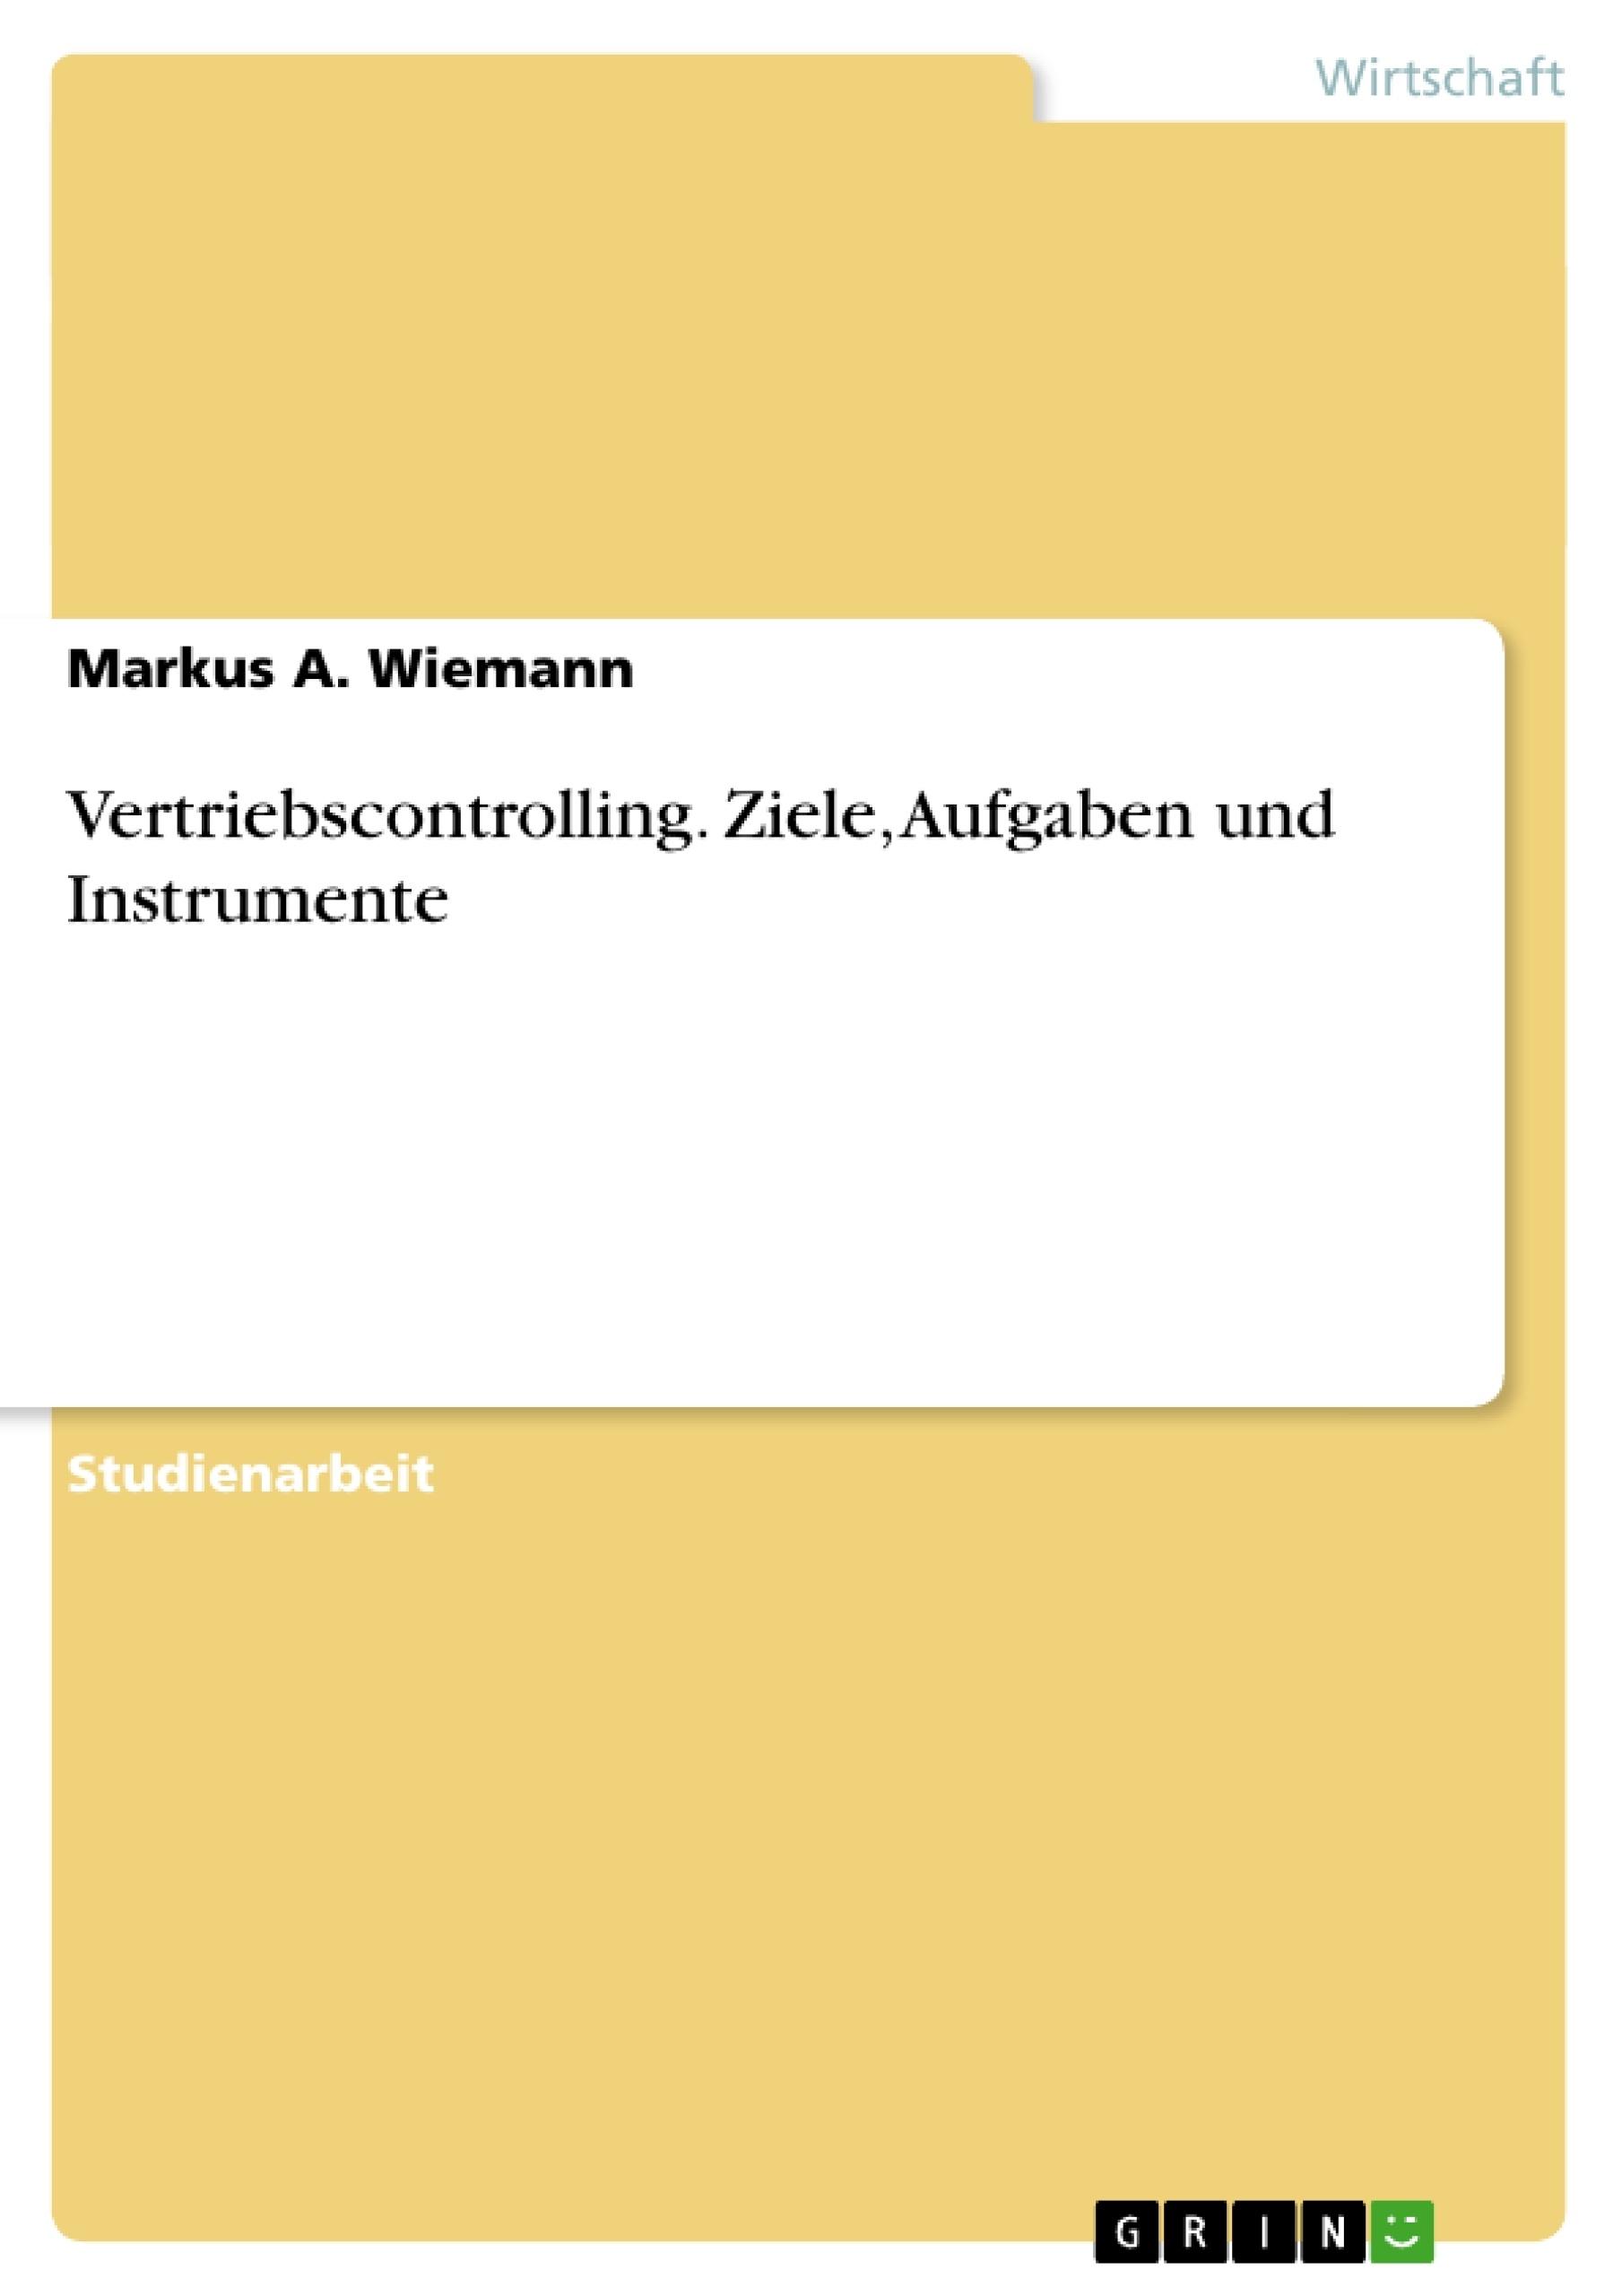 Titel: Vertriebscontrolling. Ziele, Aufgaben und Instrumente